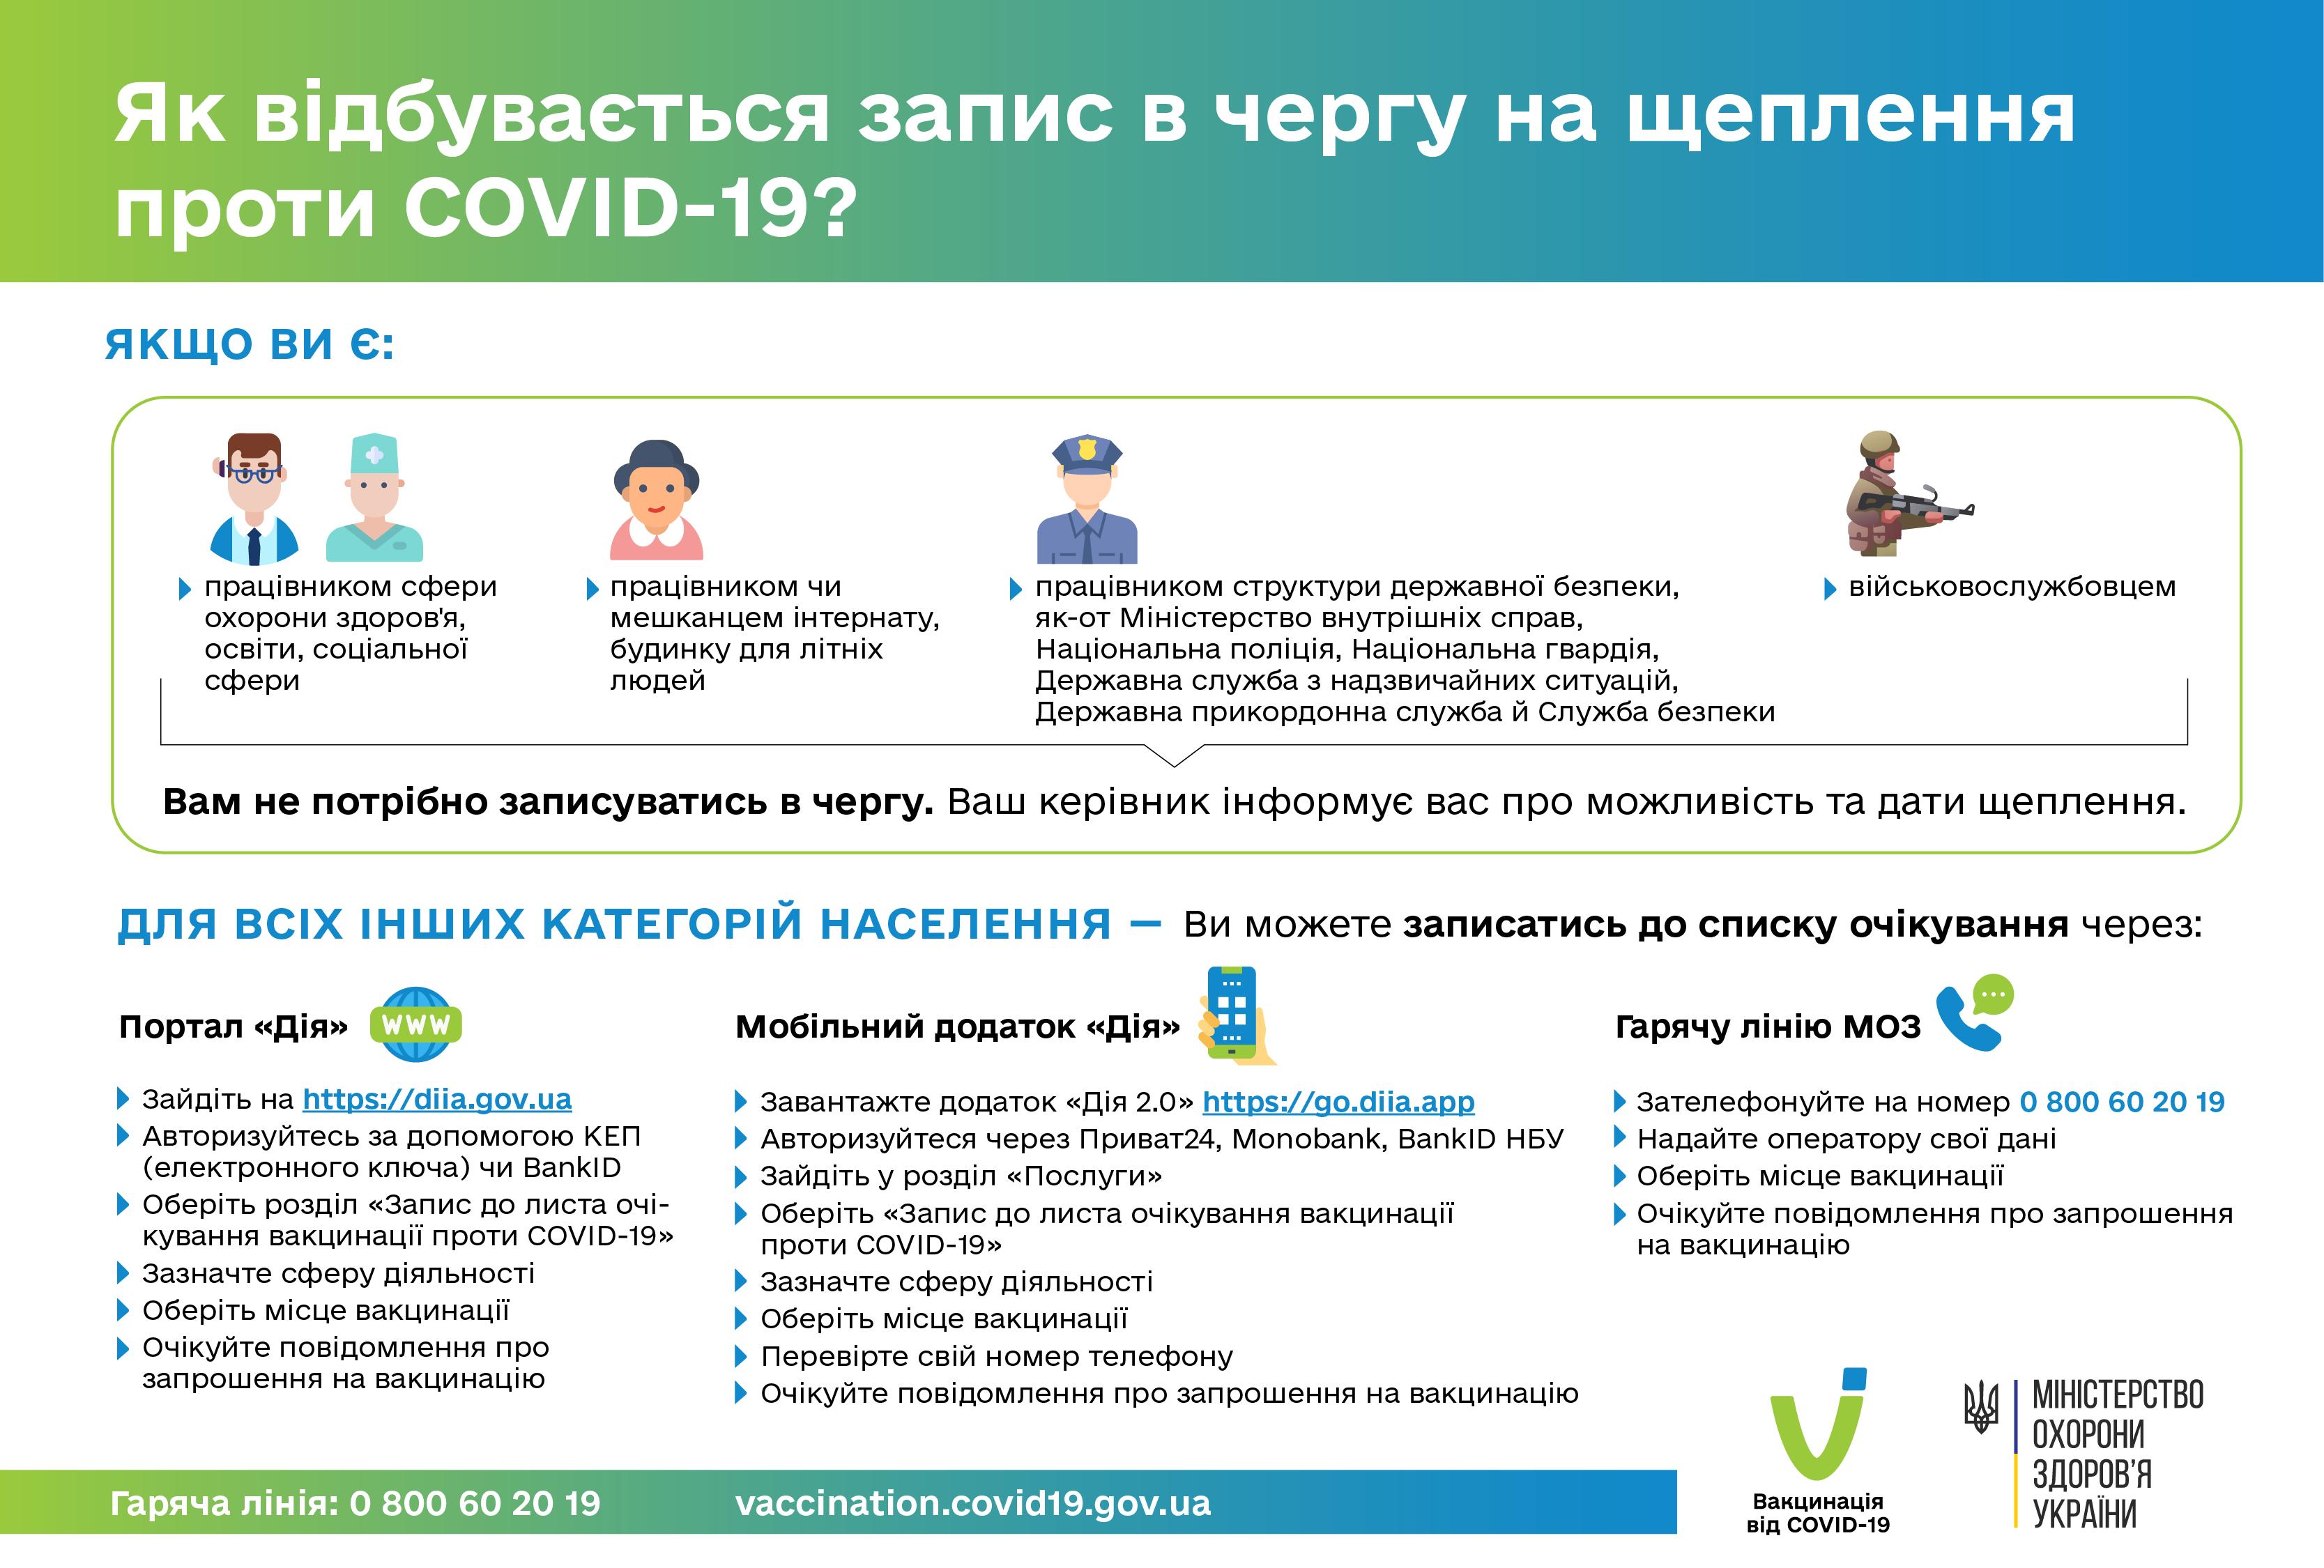 В Україні вже можна записатися в чергу на щеплення проти COVID-19